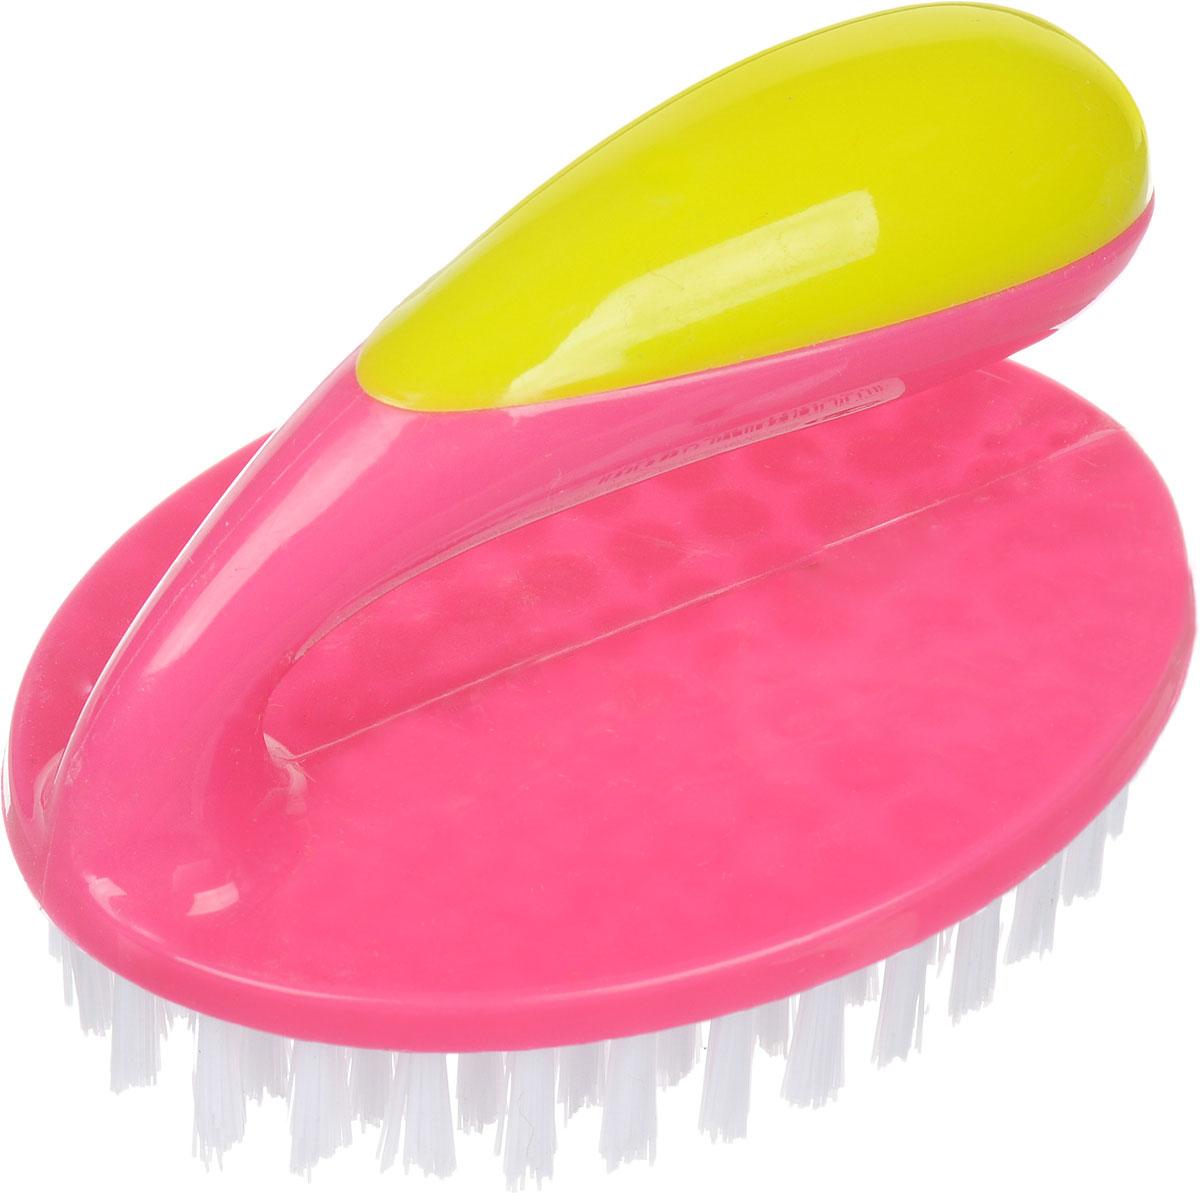 Щетка Rozenbal Basic, для пола, цвет: розовый, R810036R810036_розовыйЩетка Rozenbal Basic, для пола, цвет: розовый, R810036